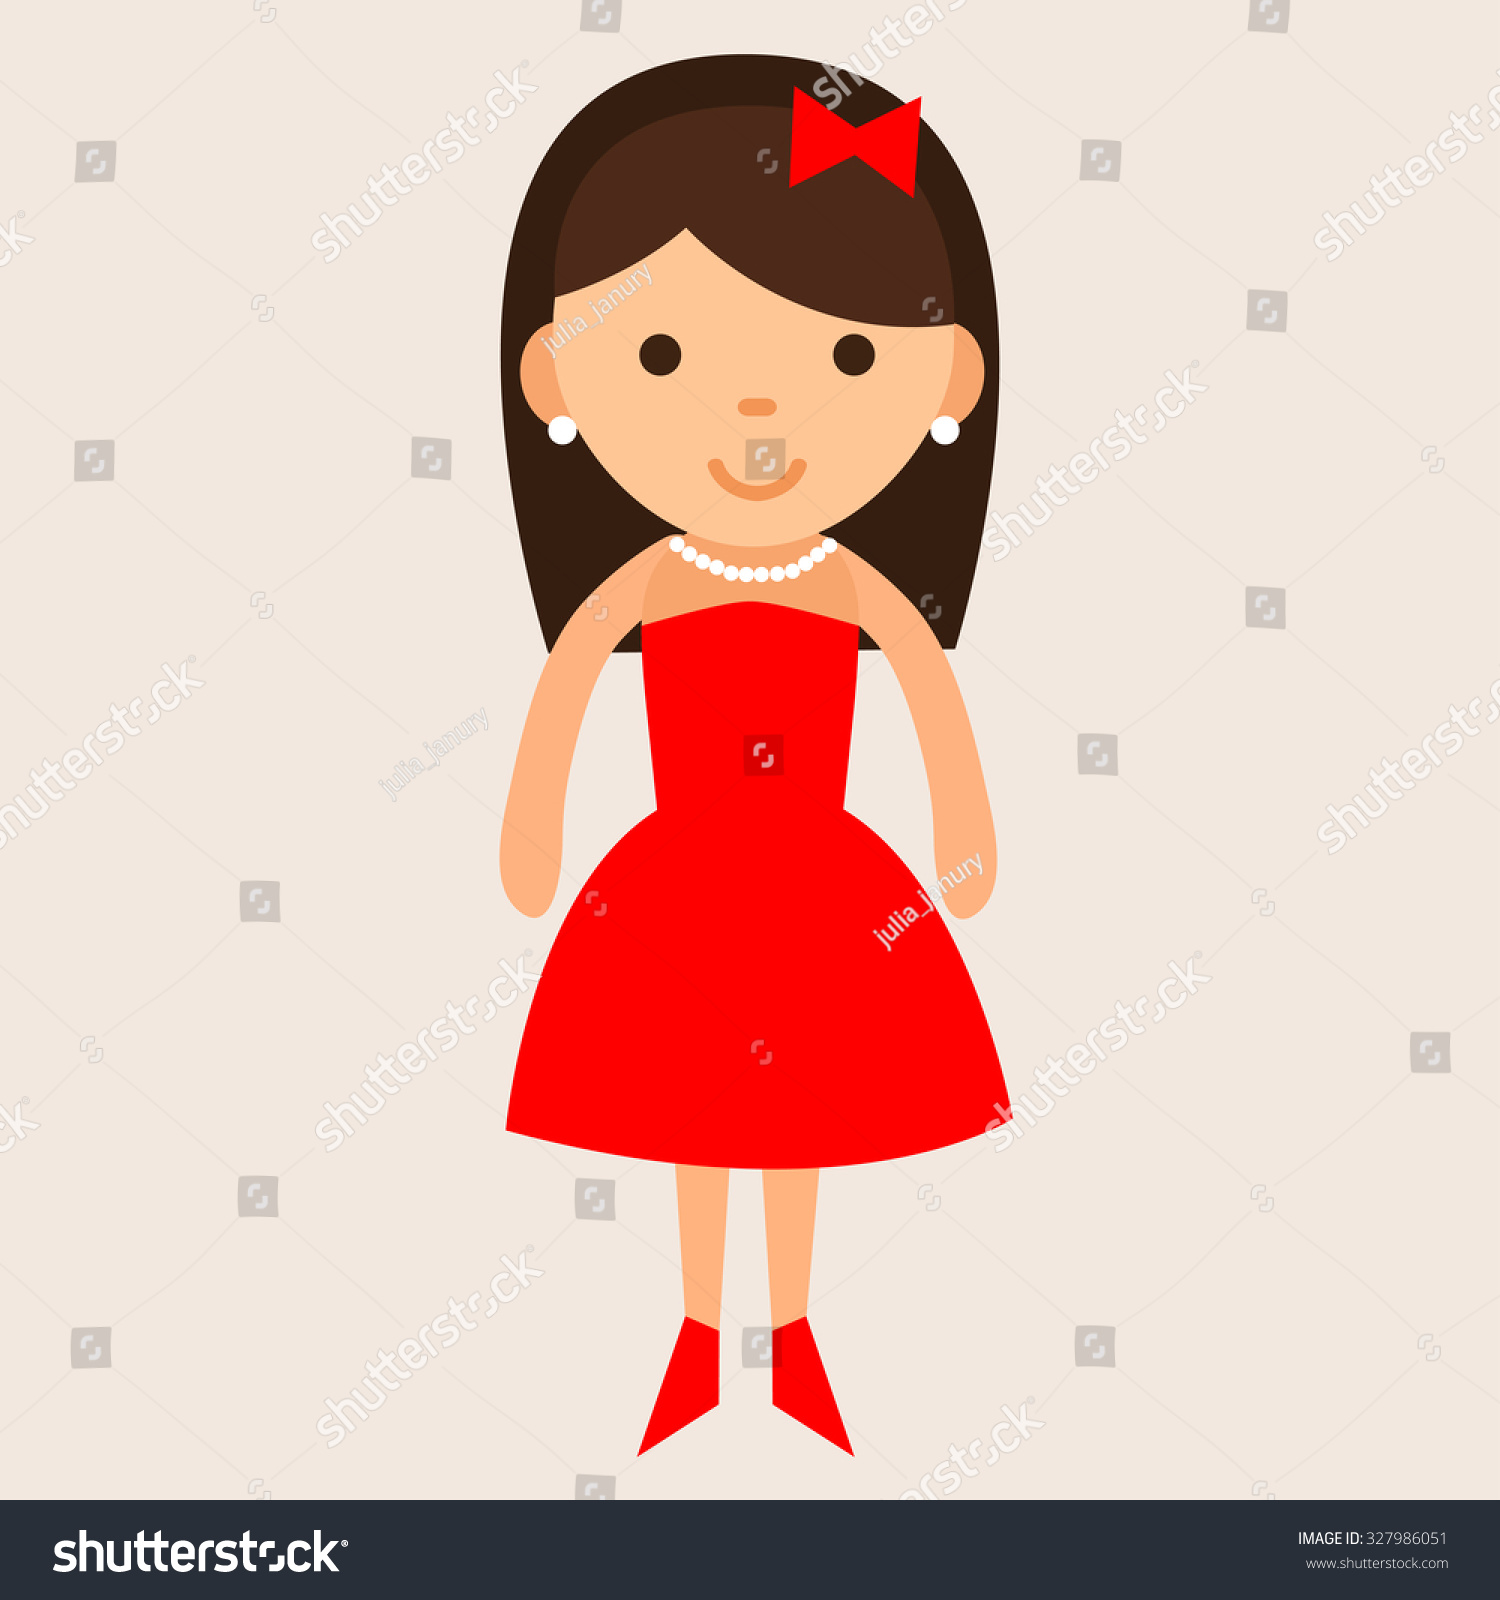 cartoon woman red dress stock vector 327986051 shutterstock